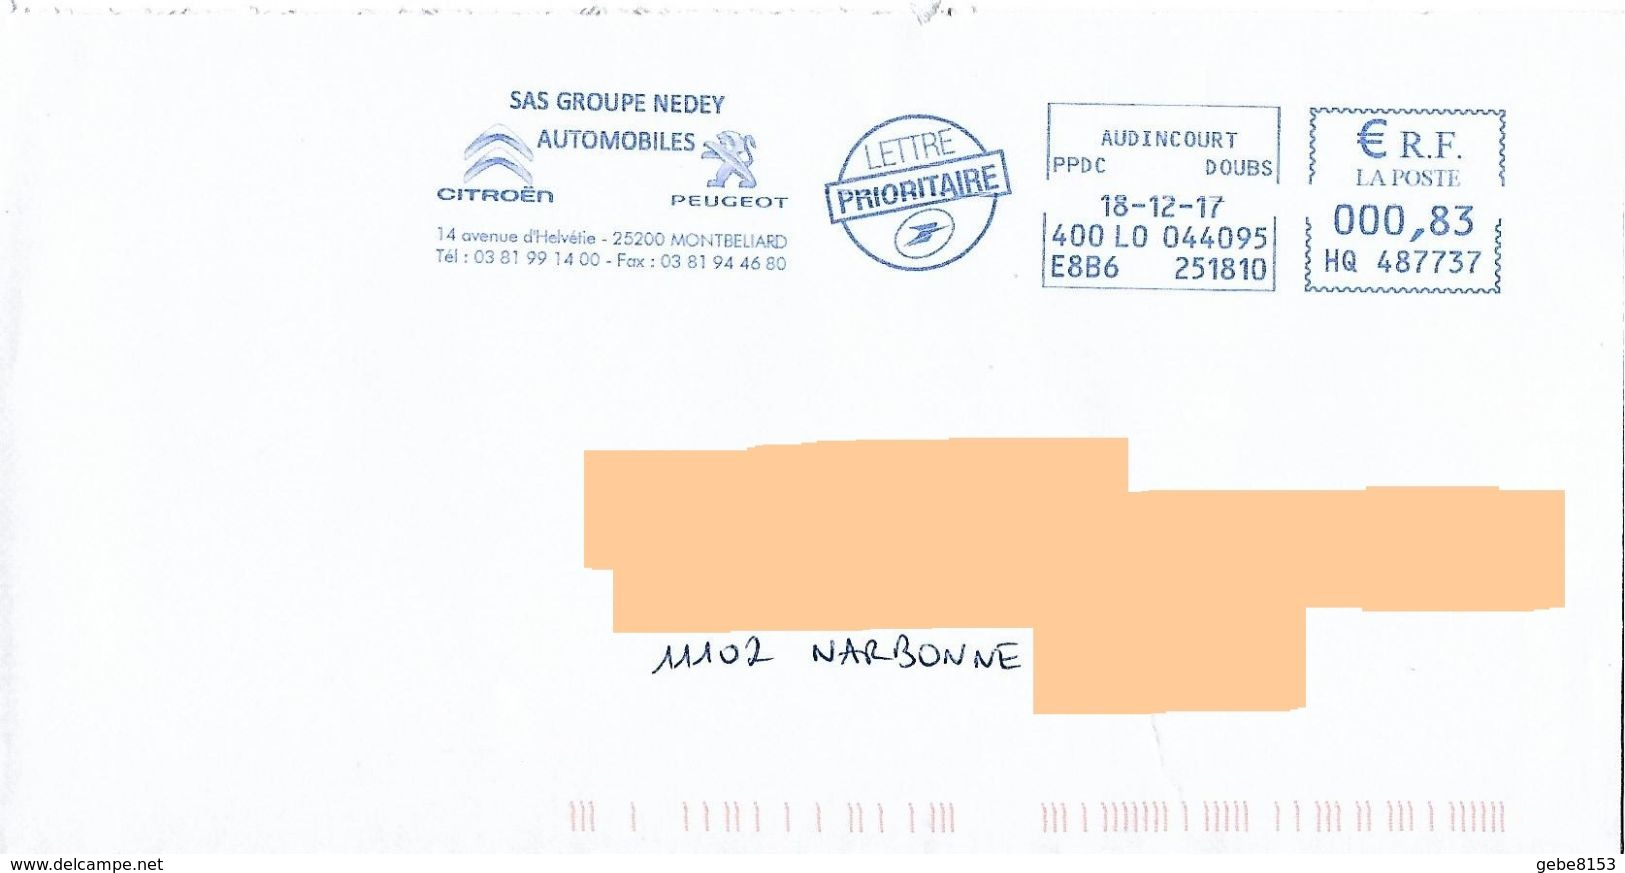 EMA HQ 487737 Doubs + Flamme Citroen Peugeot Montbeliard Lion Lowe - Roofkatten